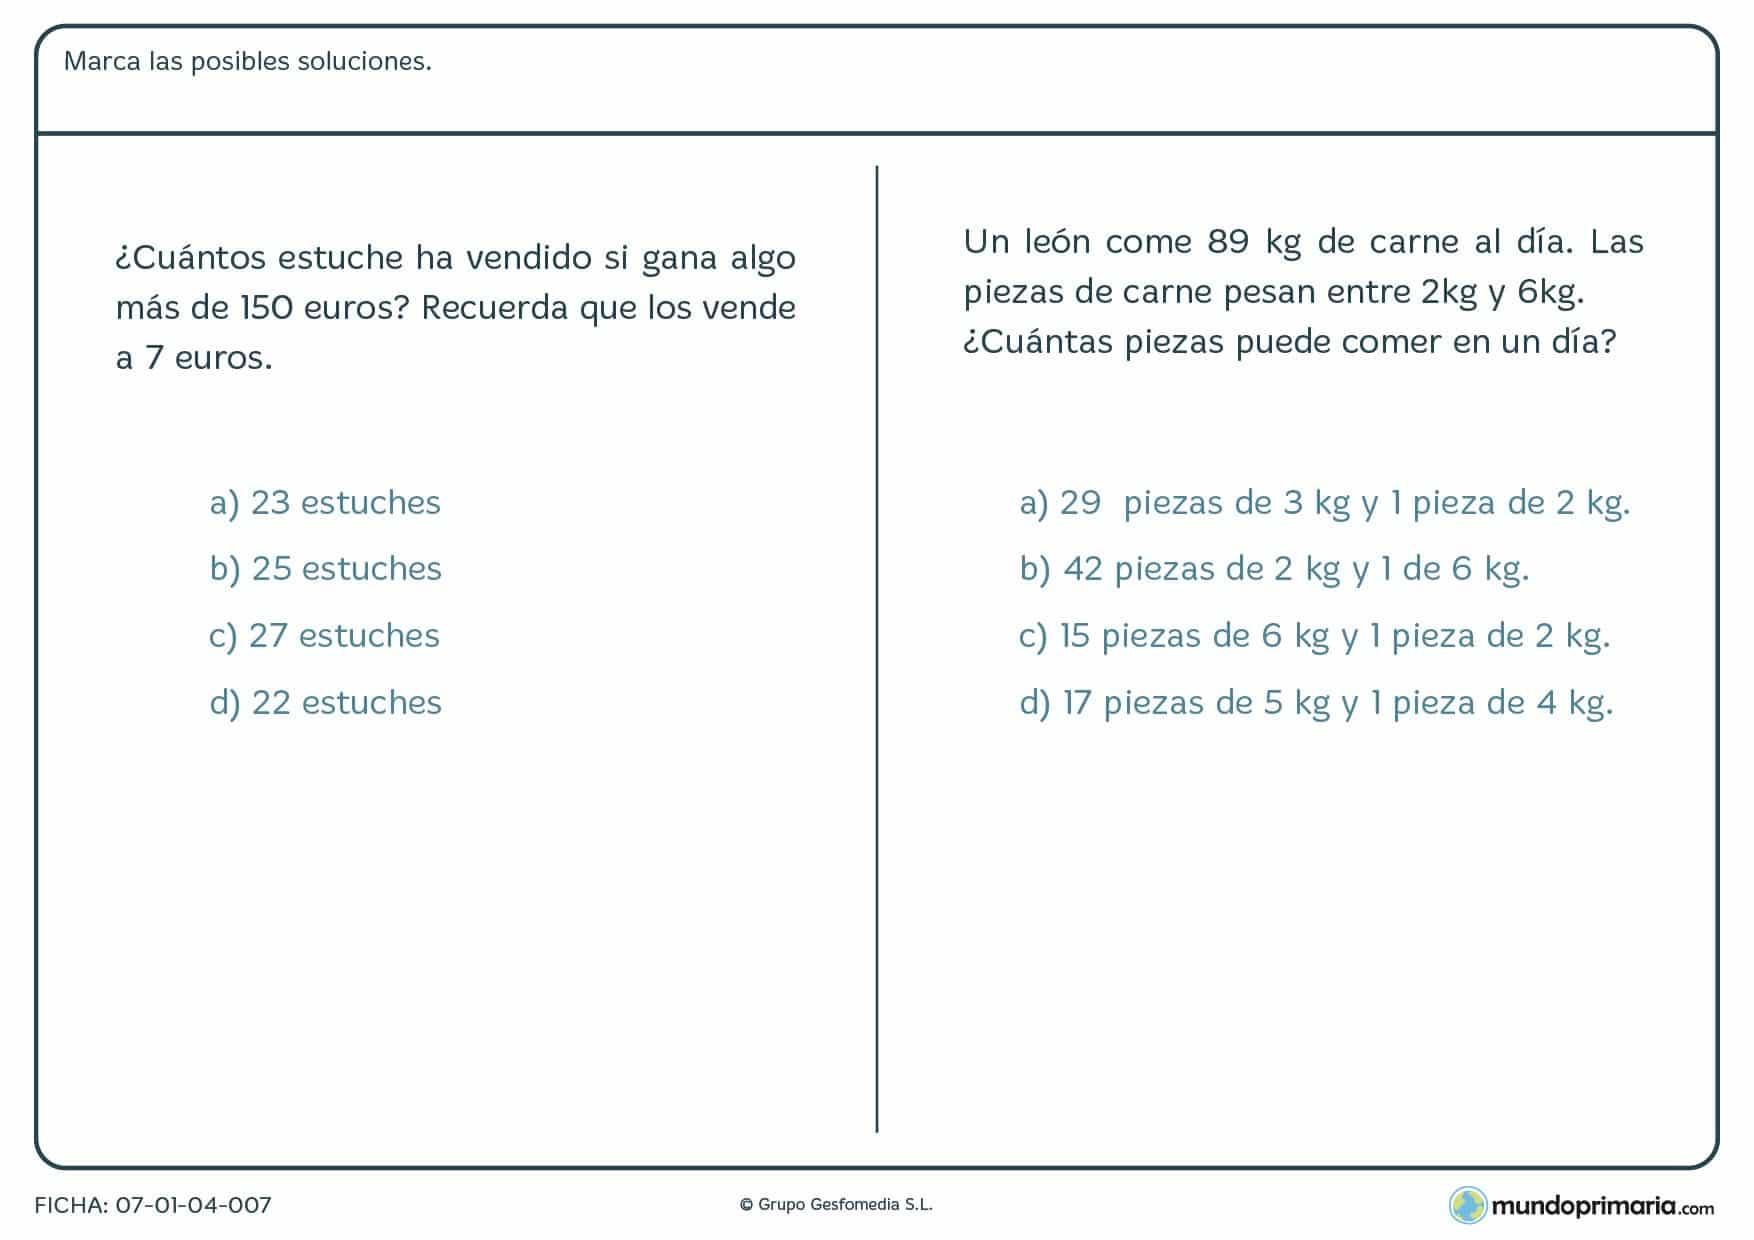 Ficha de soluciona el problema con distintas operaciones para quinto de Primaria por la que los niños tendrán que leer el enunciado y elegir entre las posibles soluciones dadas.